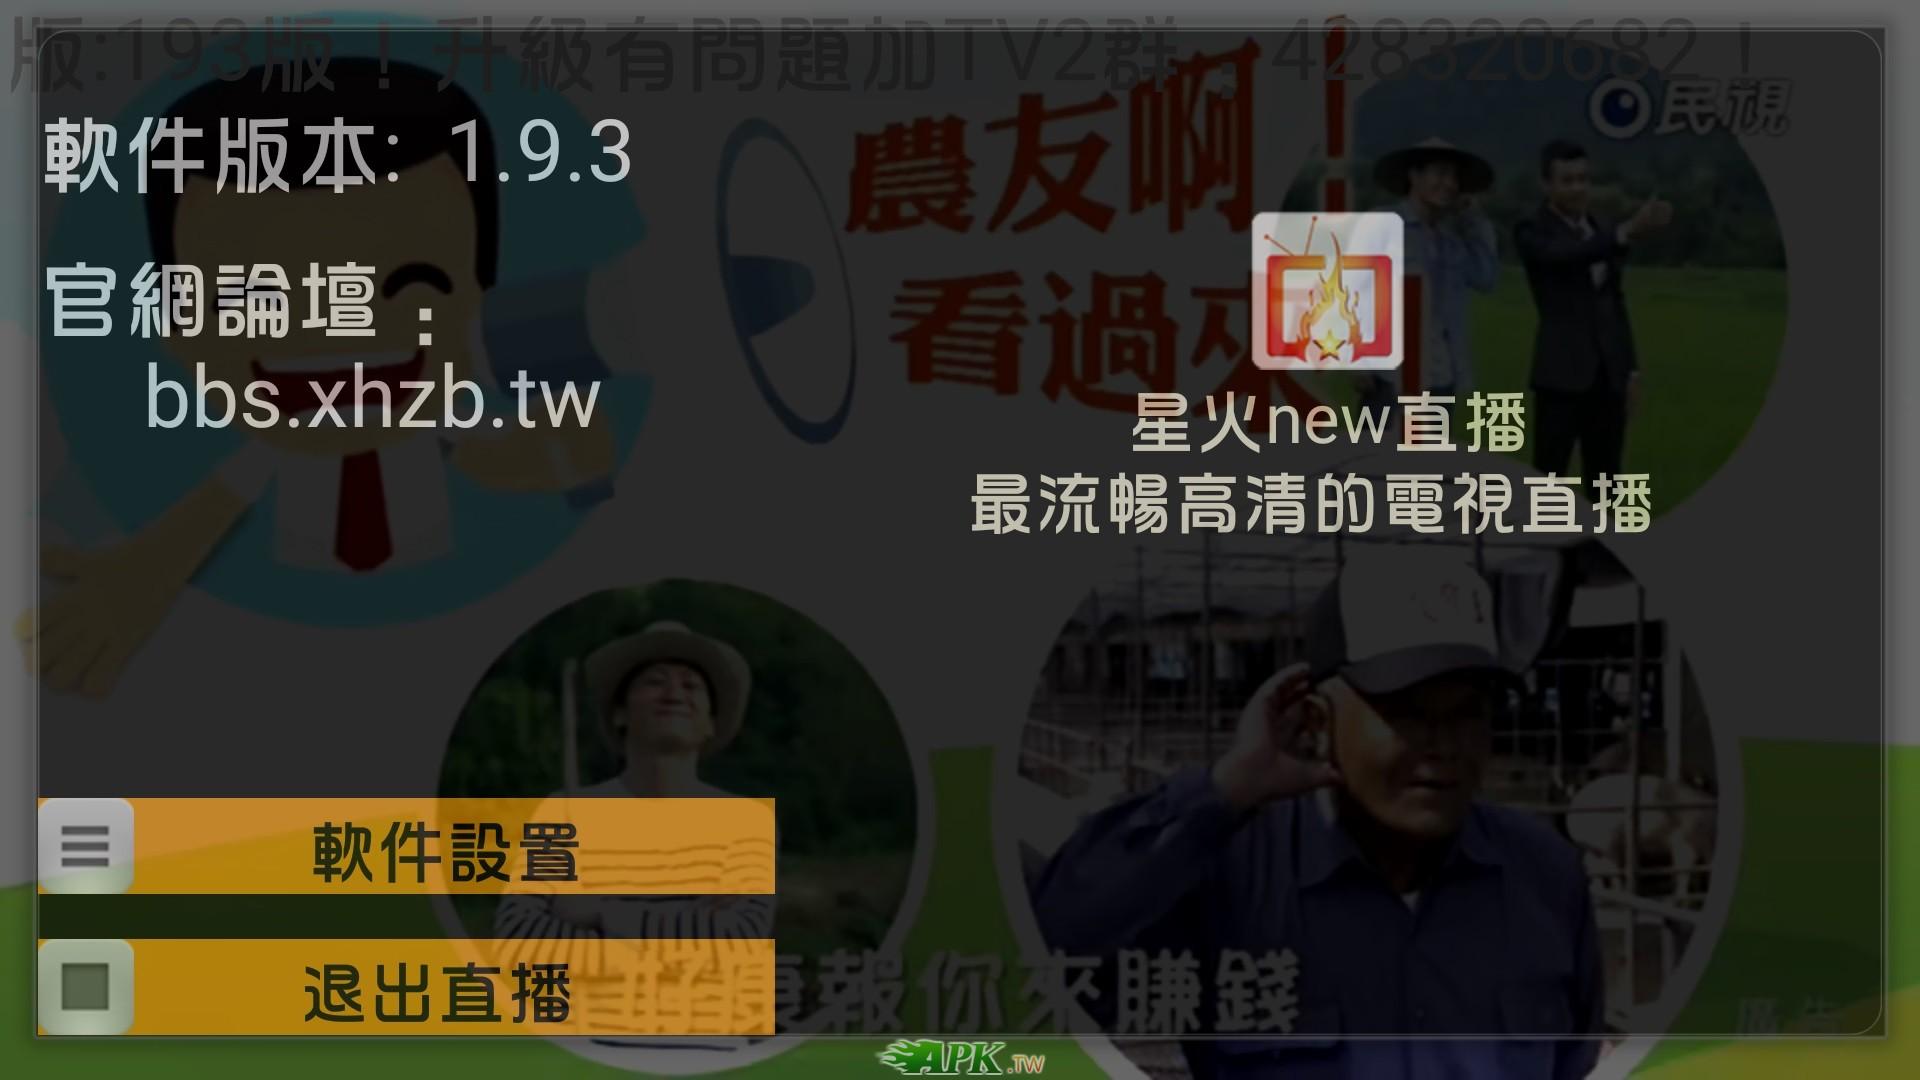 MyScreen_2017-11-28-18-11-02.jpg